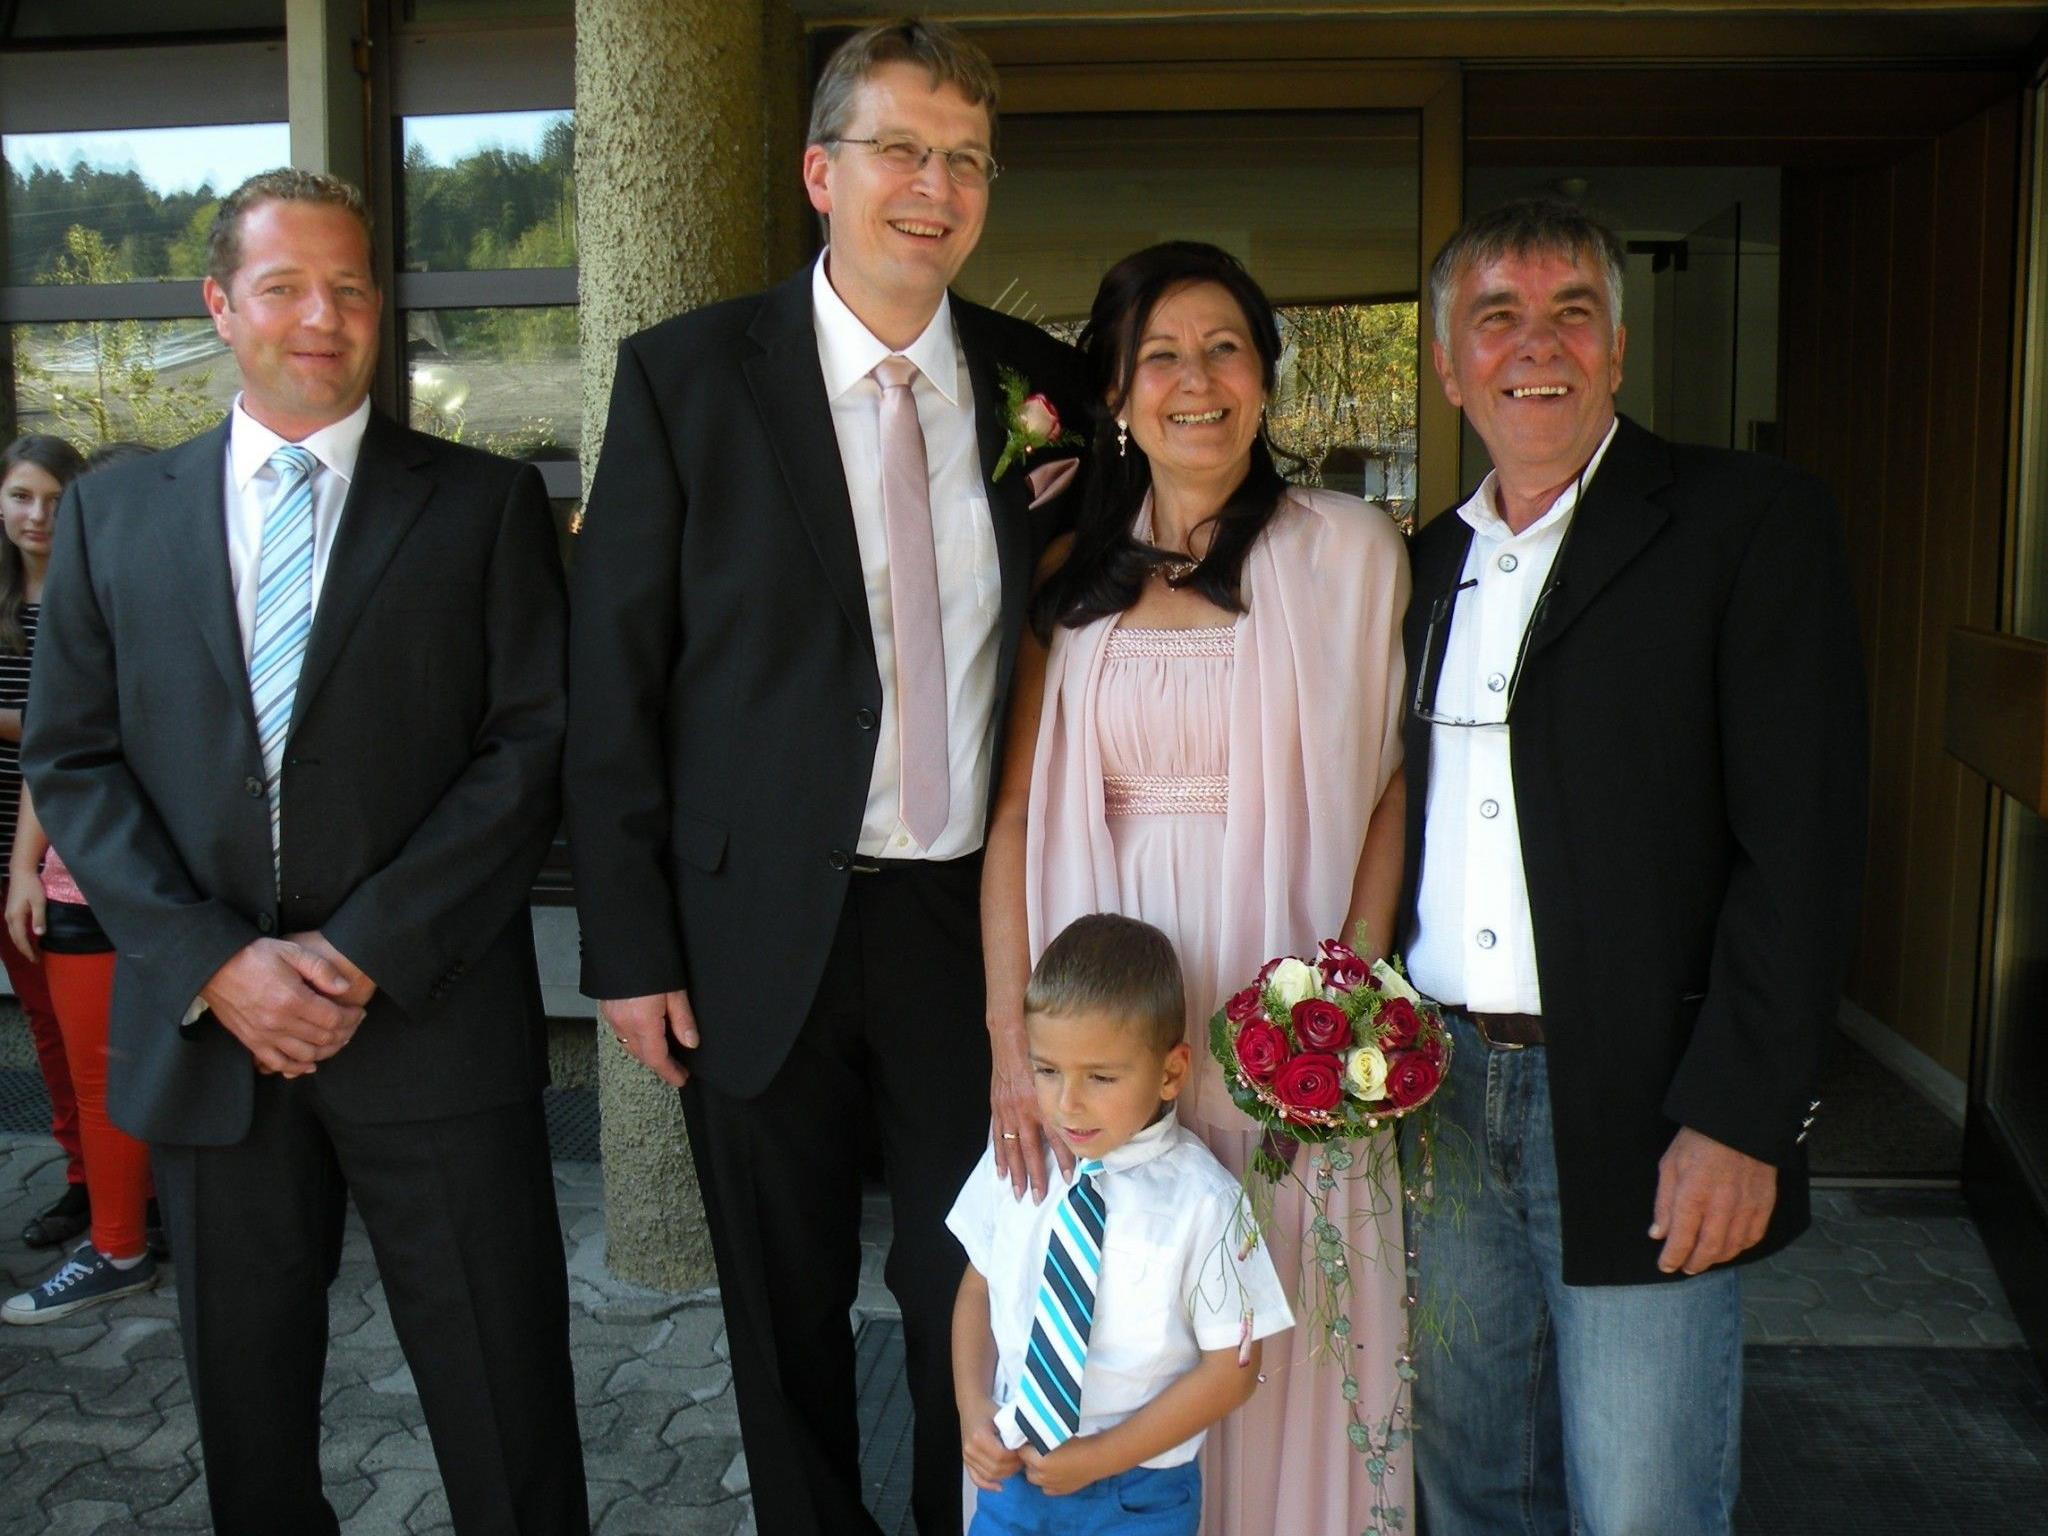 Hochzeit Von Isabella Brunelli Und Michael Huber Wolfurt Vol At